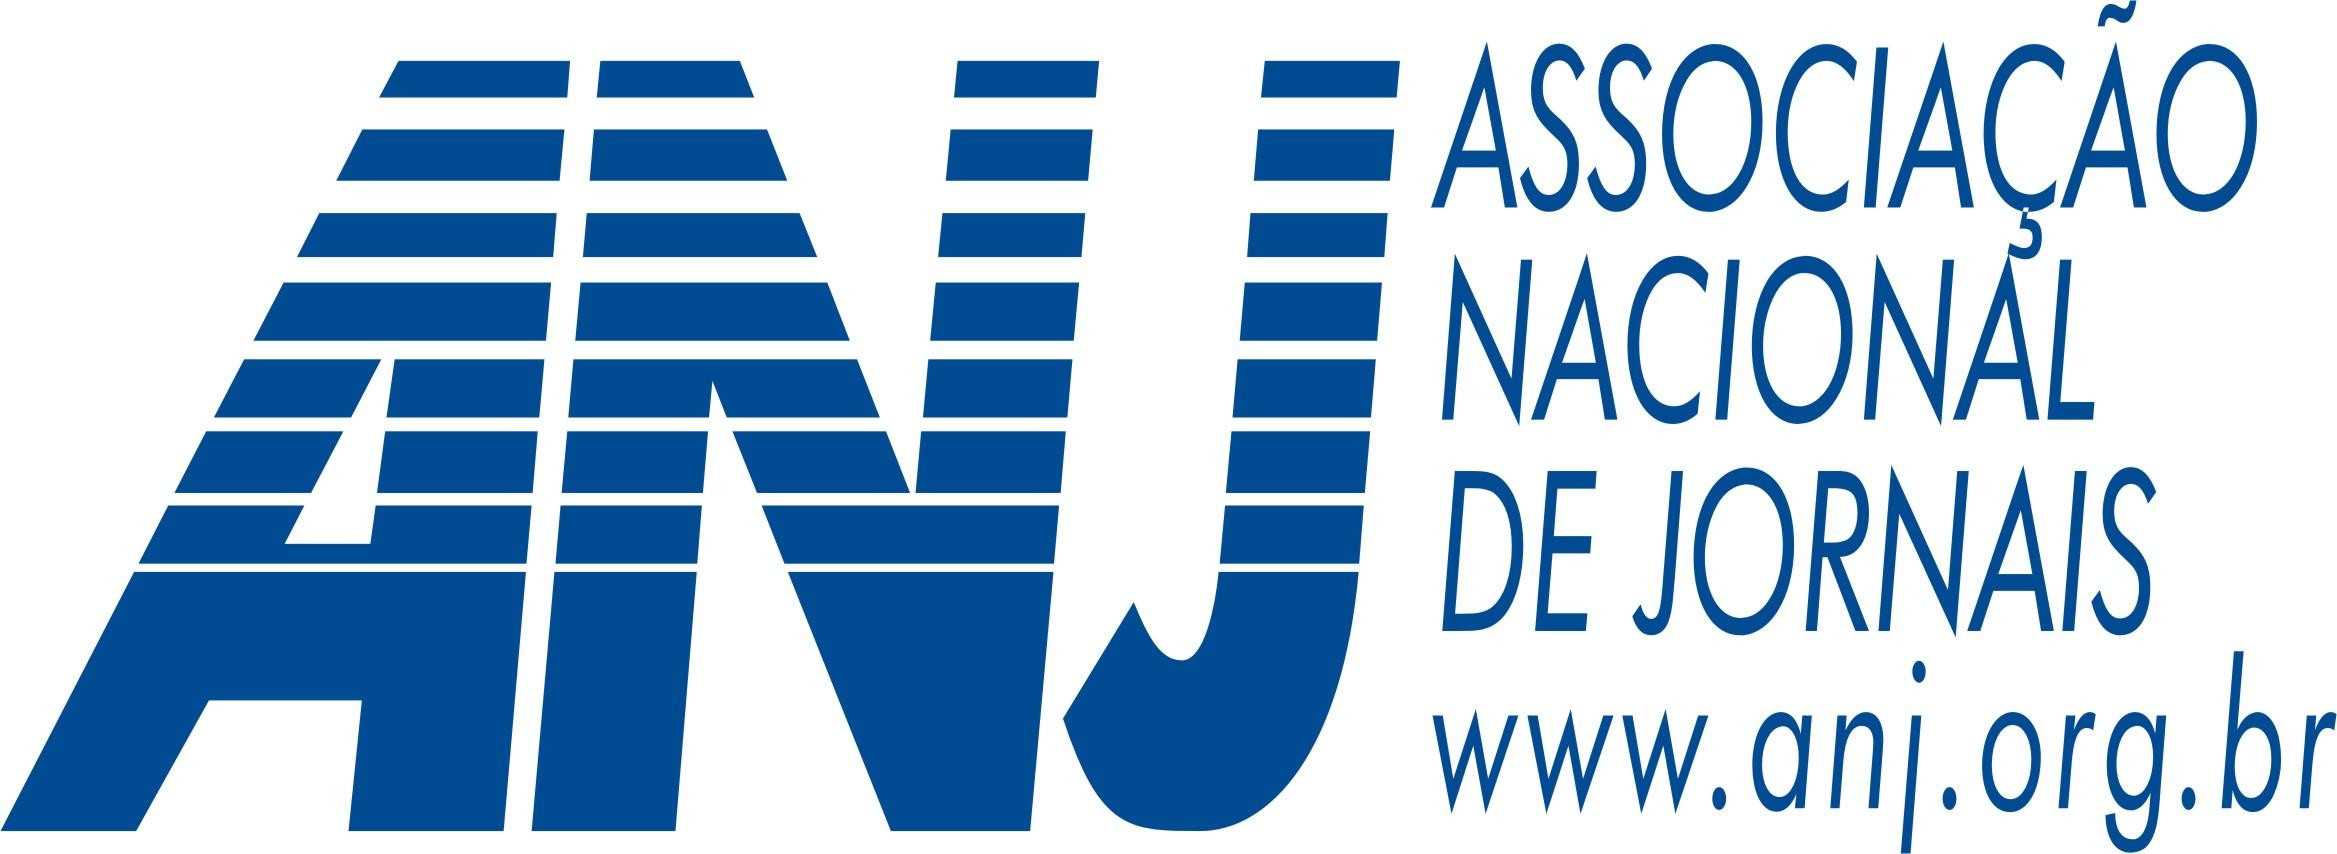 https://i0.wp.com/www.abert.org.br/web/images/imprensa/logo_ANJ.jpg